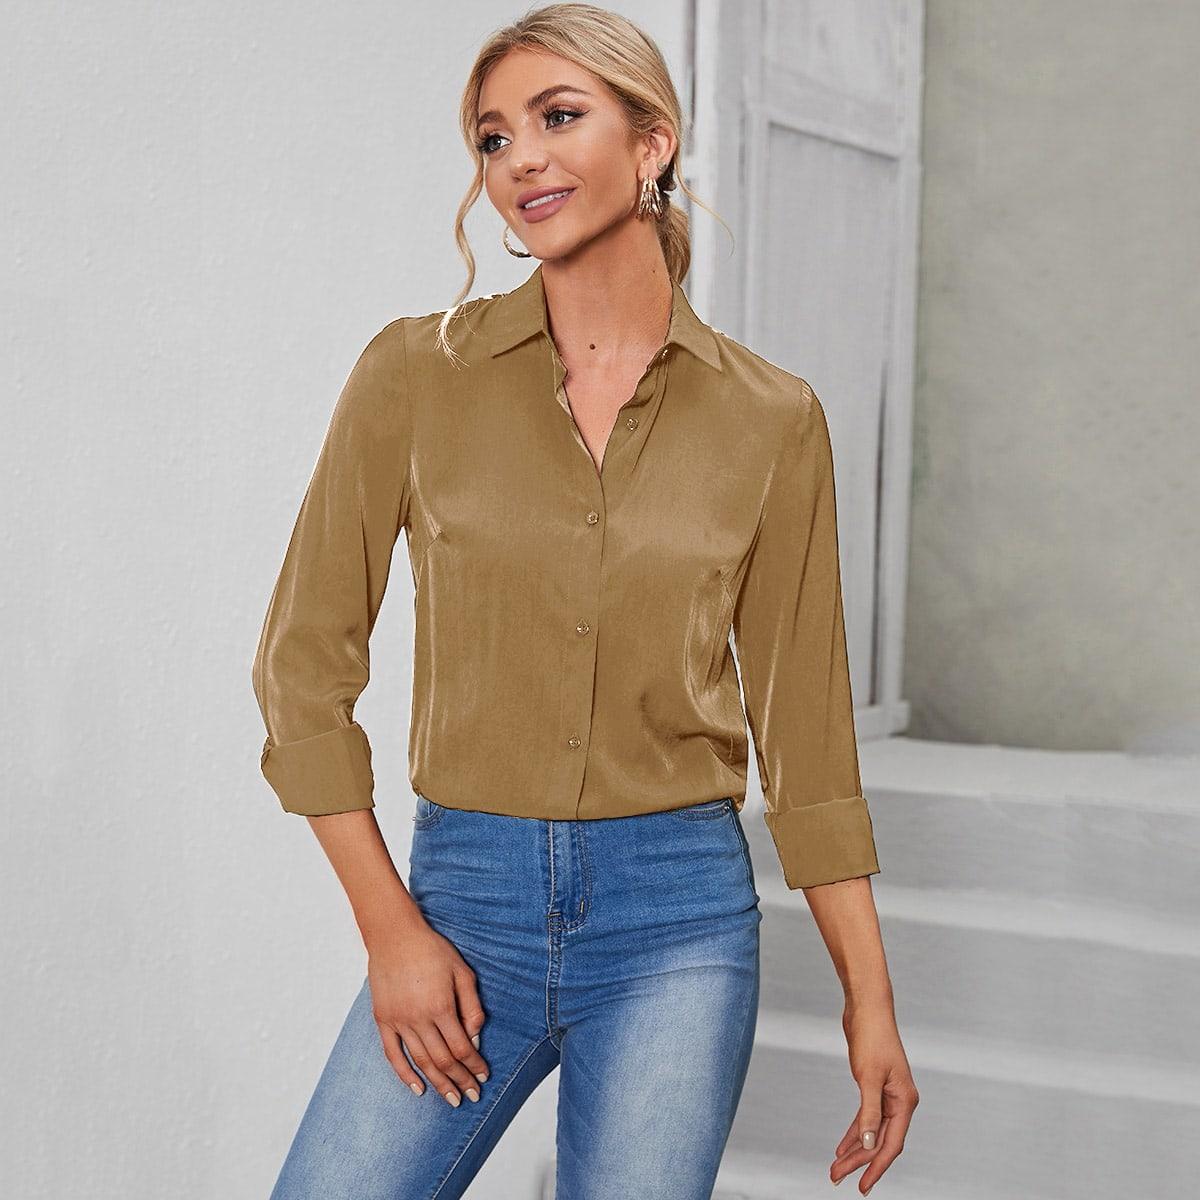 Блуза с разрезом и кружевом SheIn swblouse23210615363